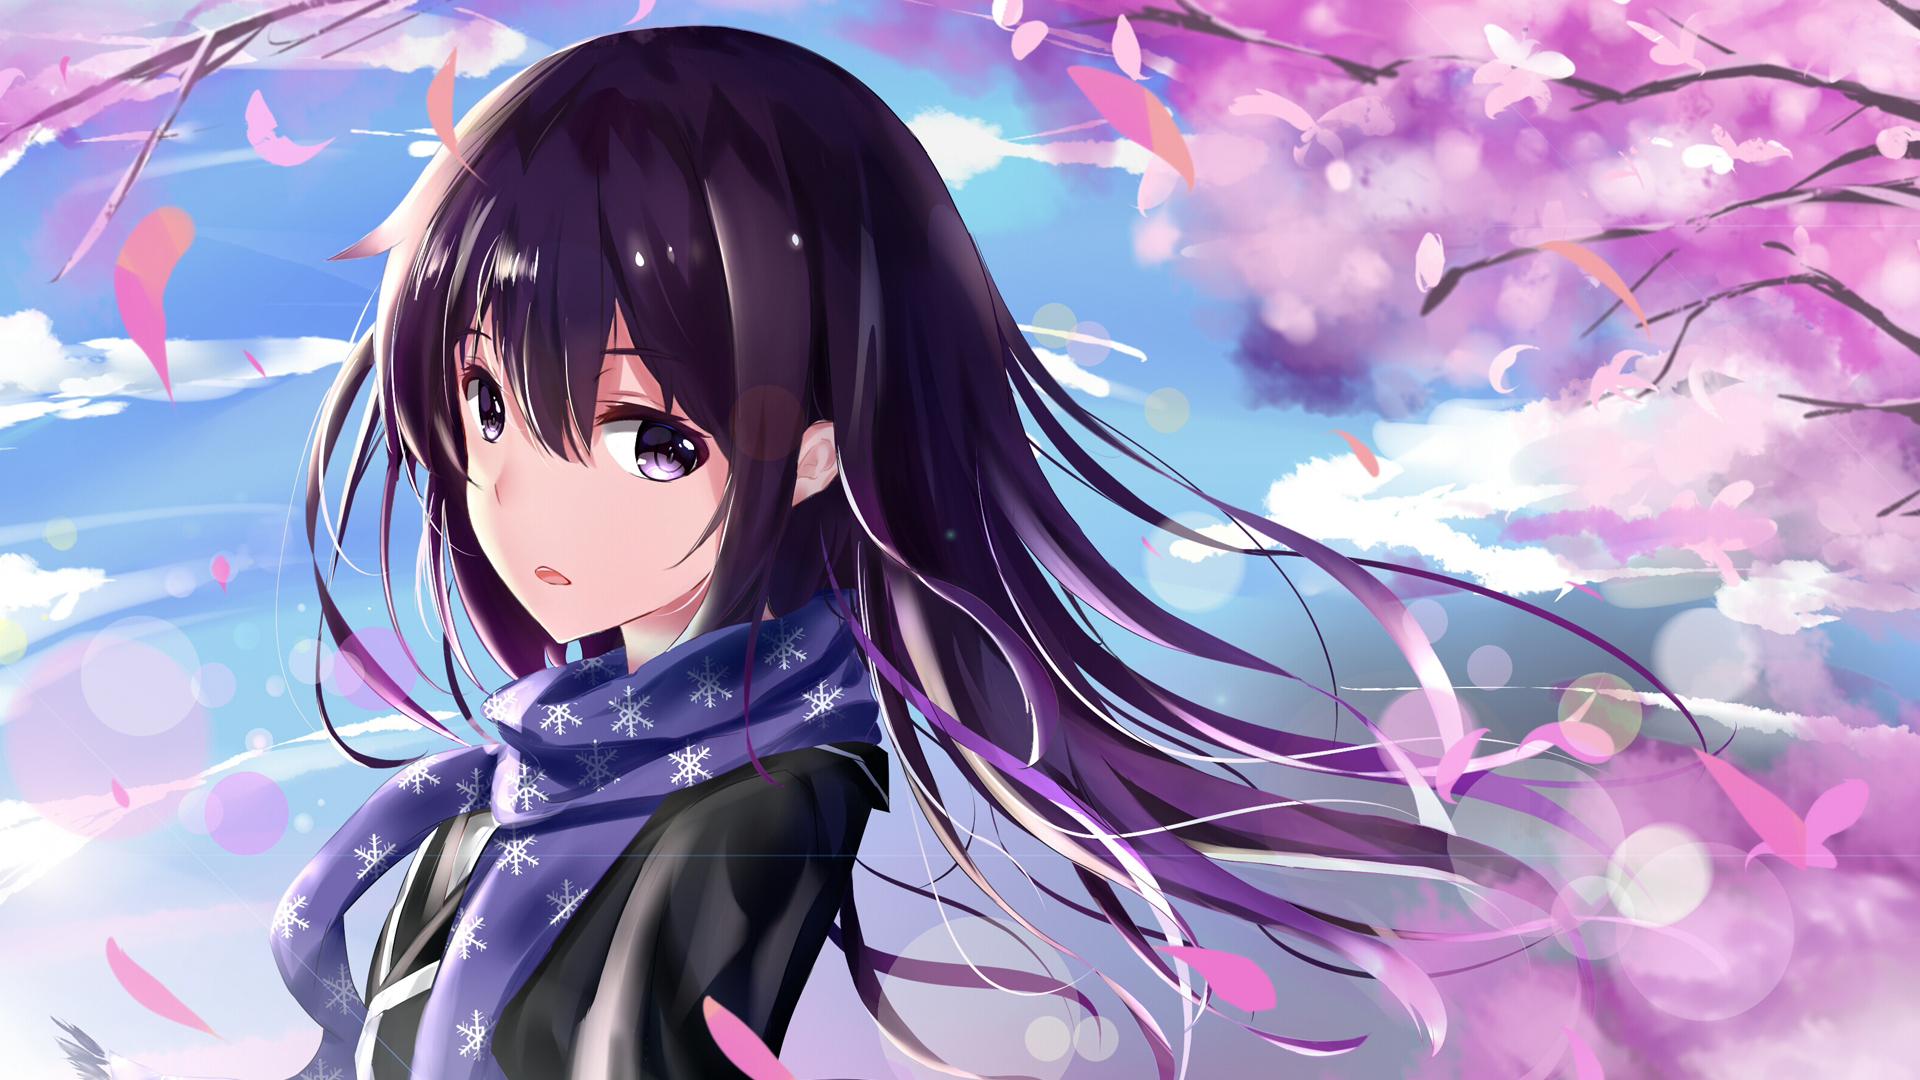 Anime Yahari Ore No Seishun Love Come Wa Machigatteiru